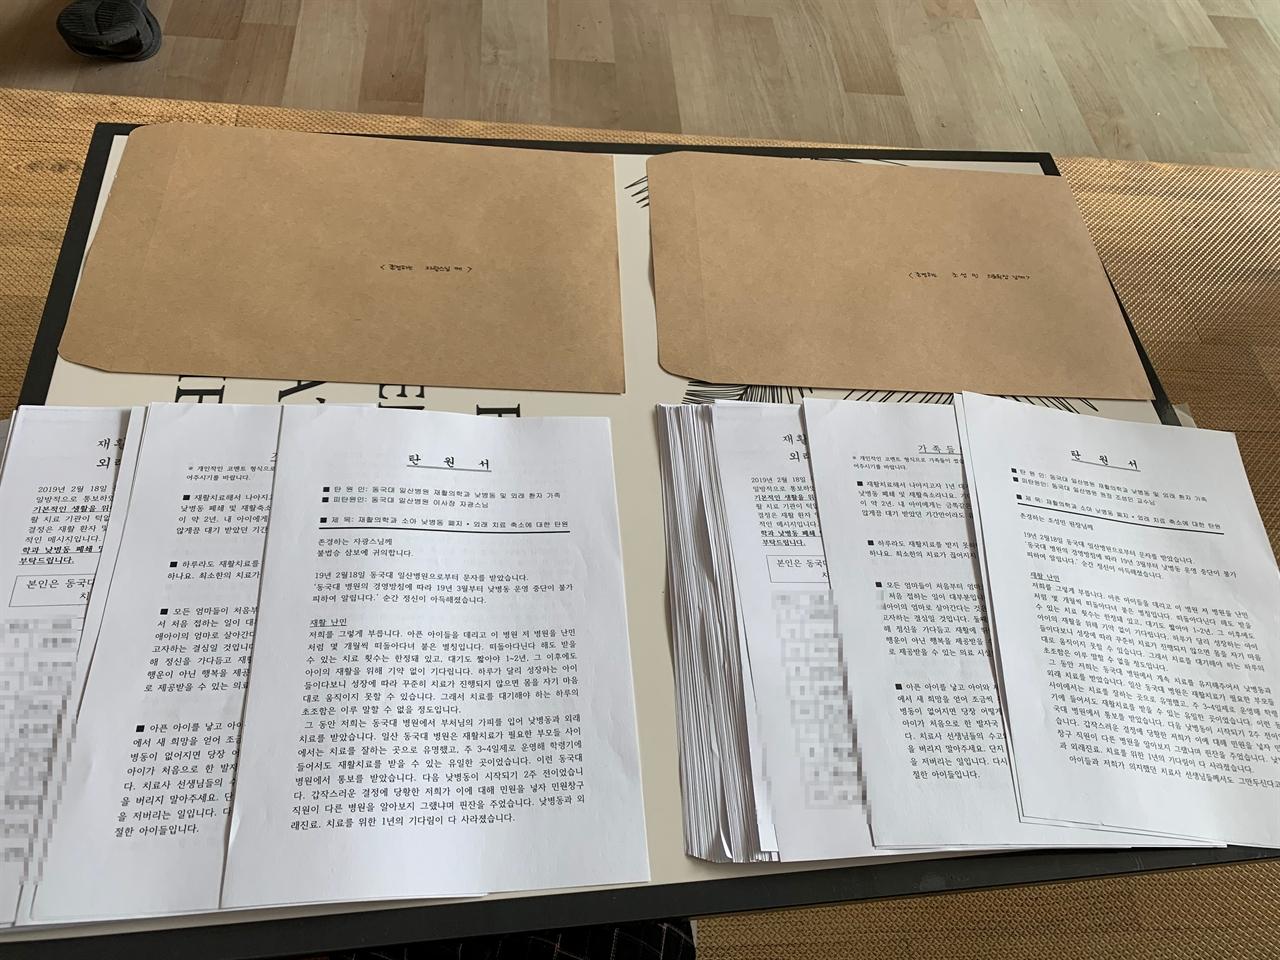 동국대일산병원 재활의학과 소아낮병동 폐쇄 및 외래 진료 축소에 대한 장애아동 보호자들의 탄원서.